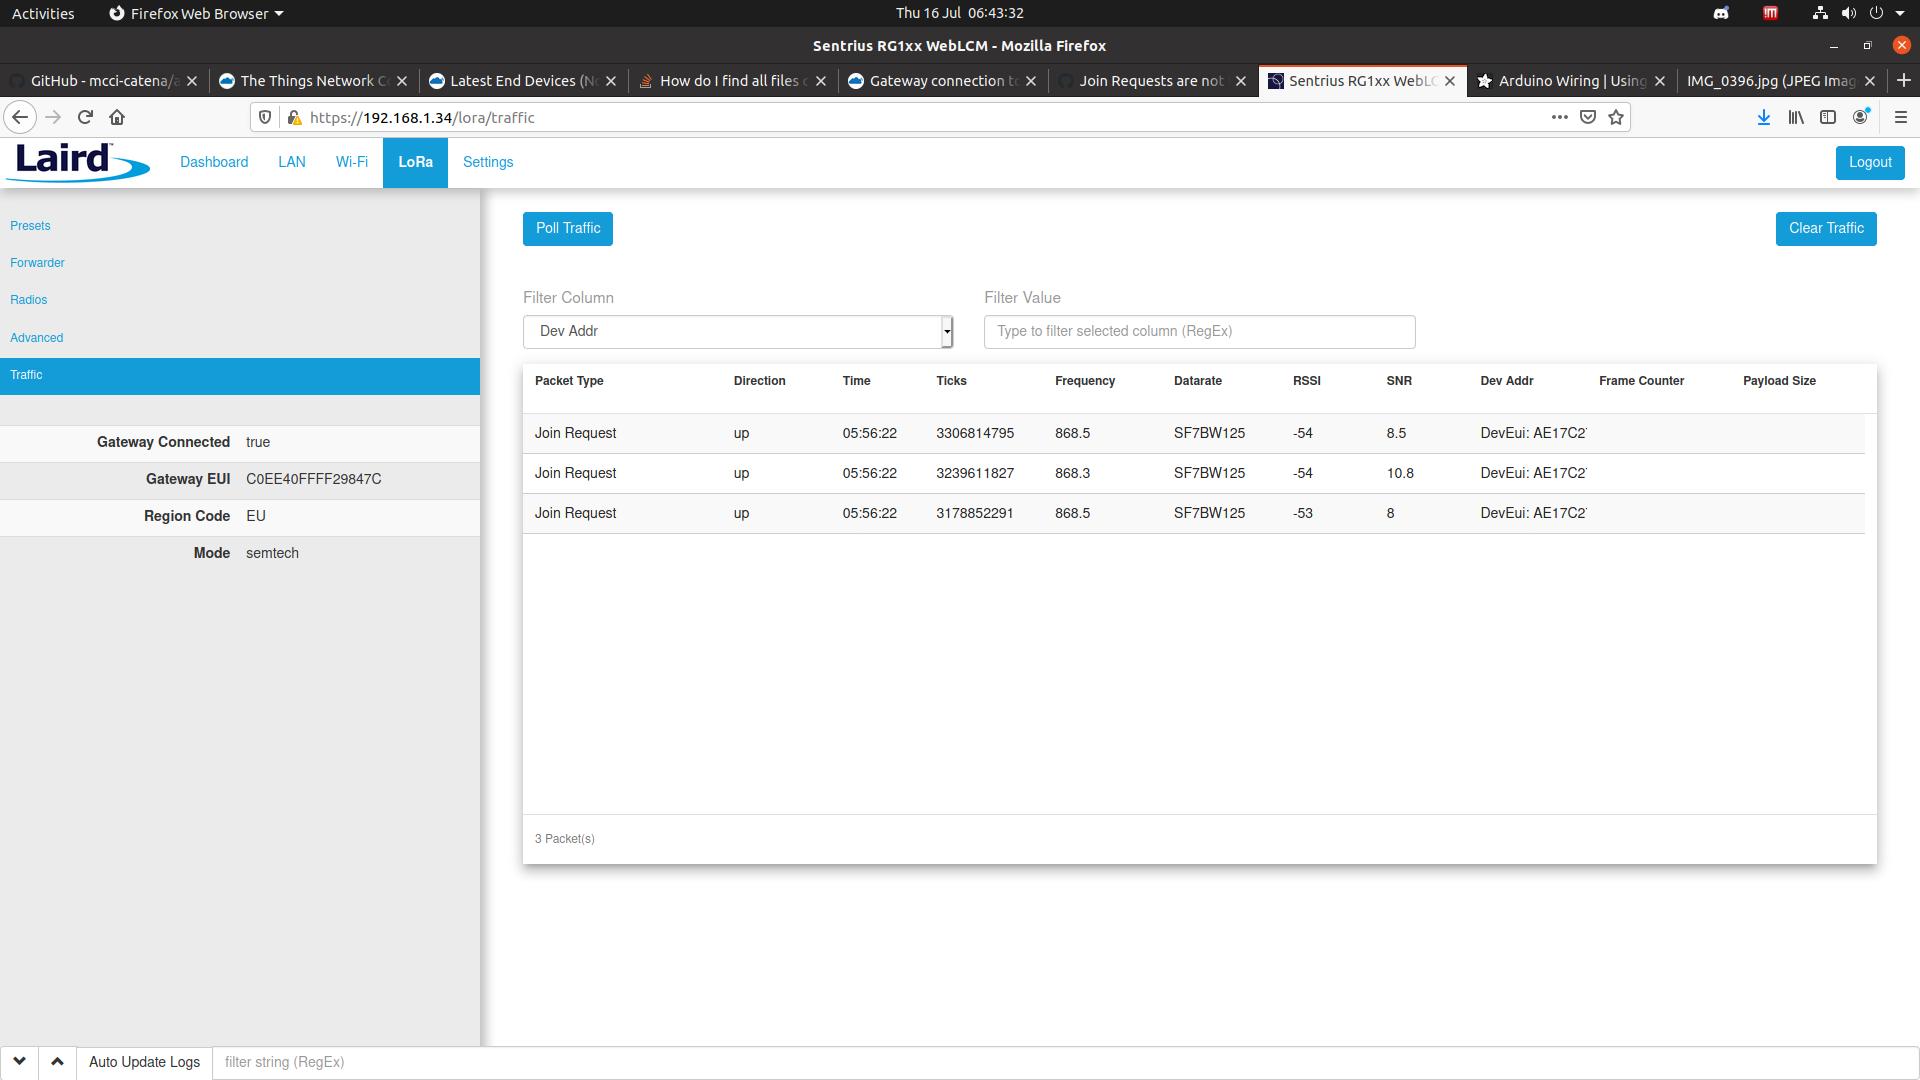 Screenshot from 2020-07-16 06-43-32